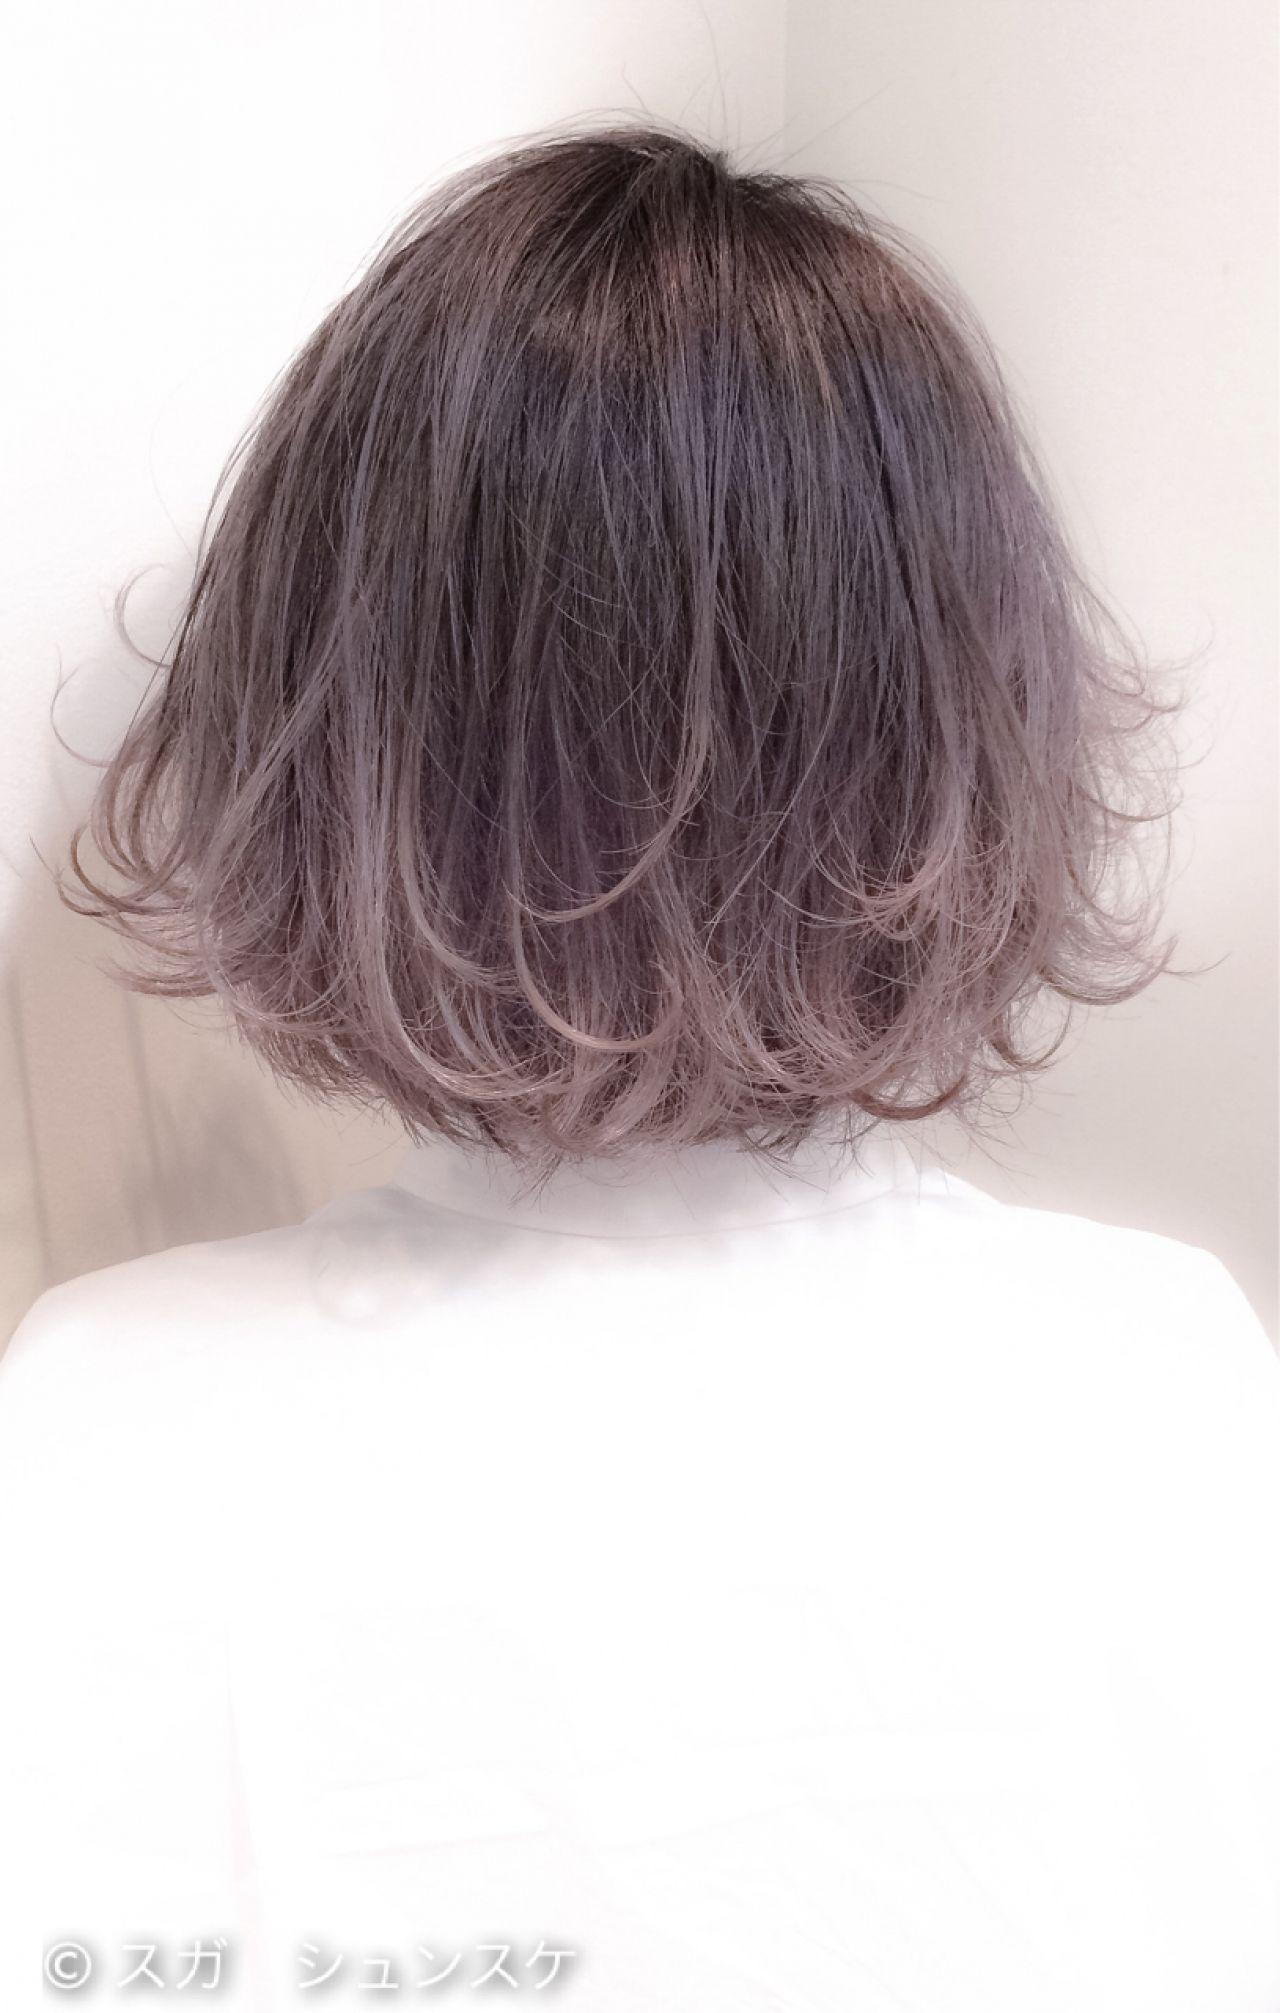 バイオレットアッシュ アッシュ ボブ グラデーションカラー ヘアスタイルや髪型の写真・画像